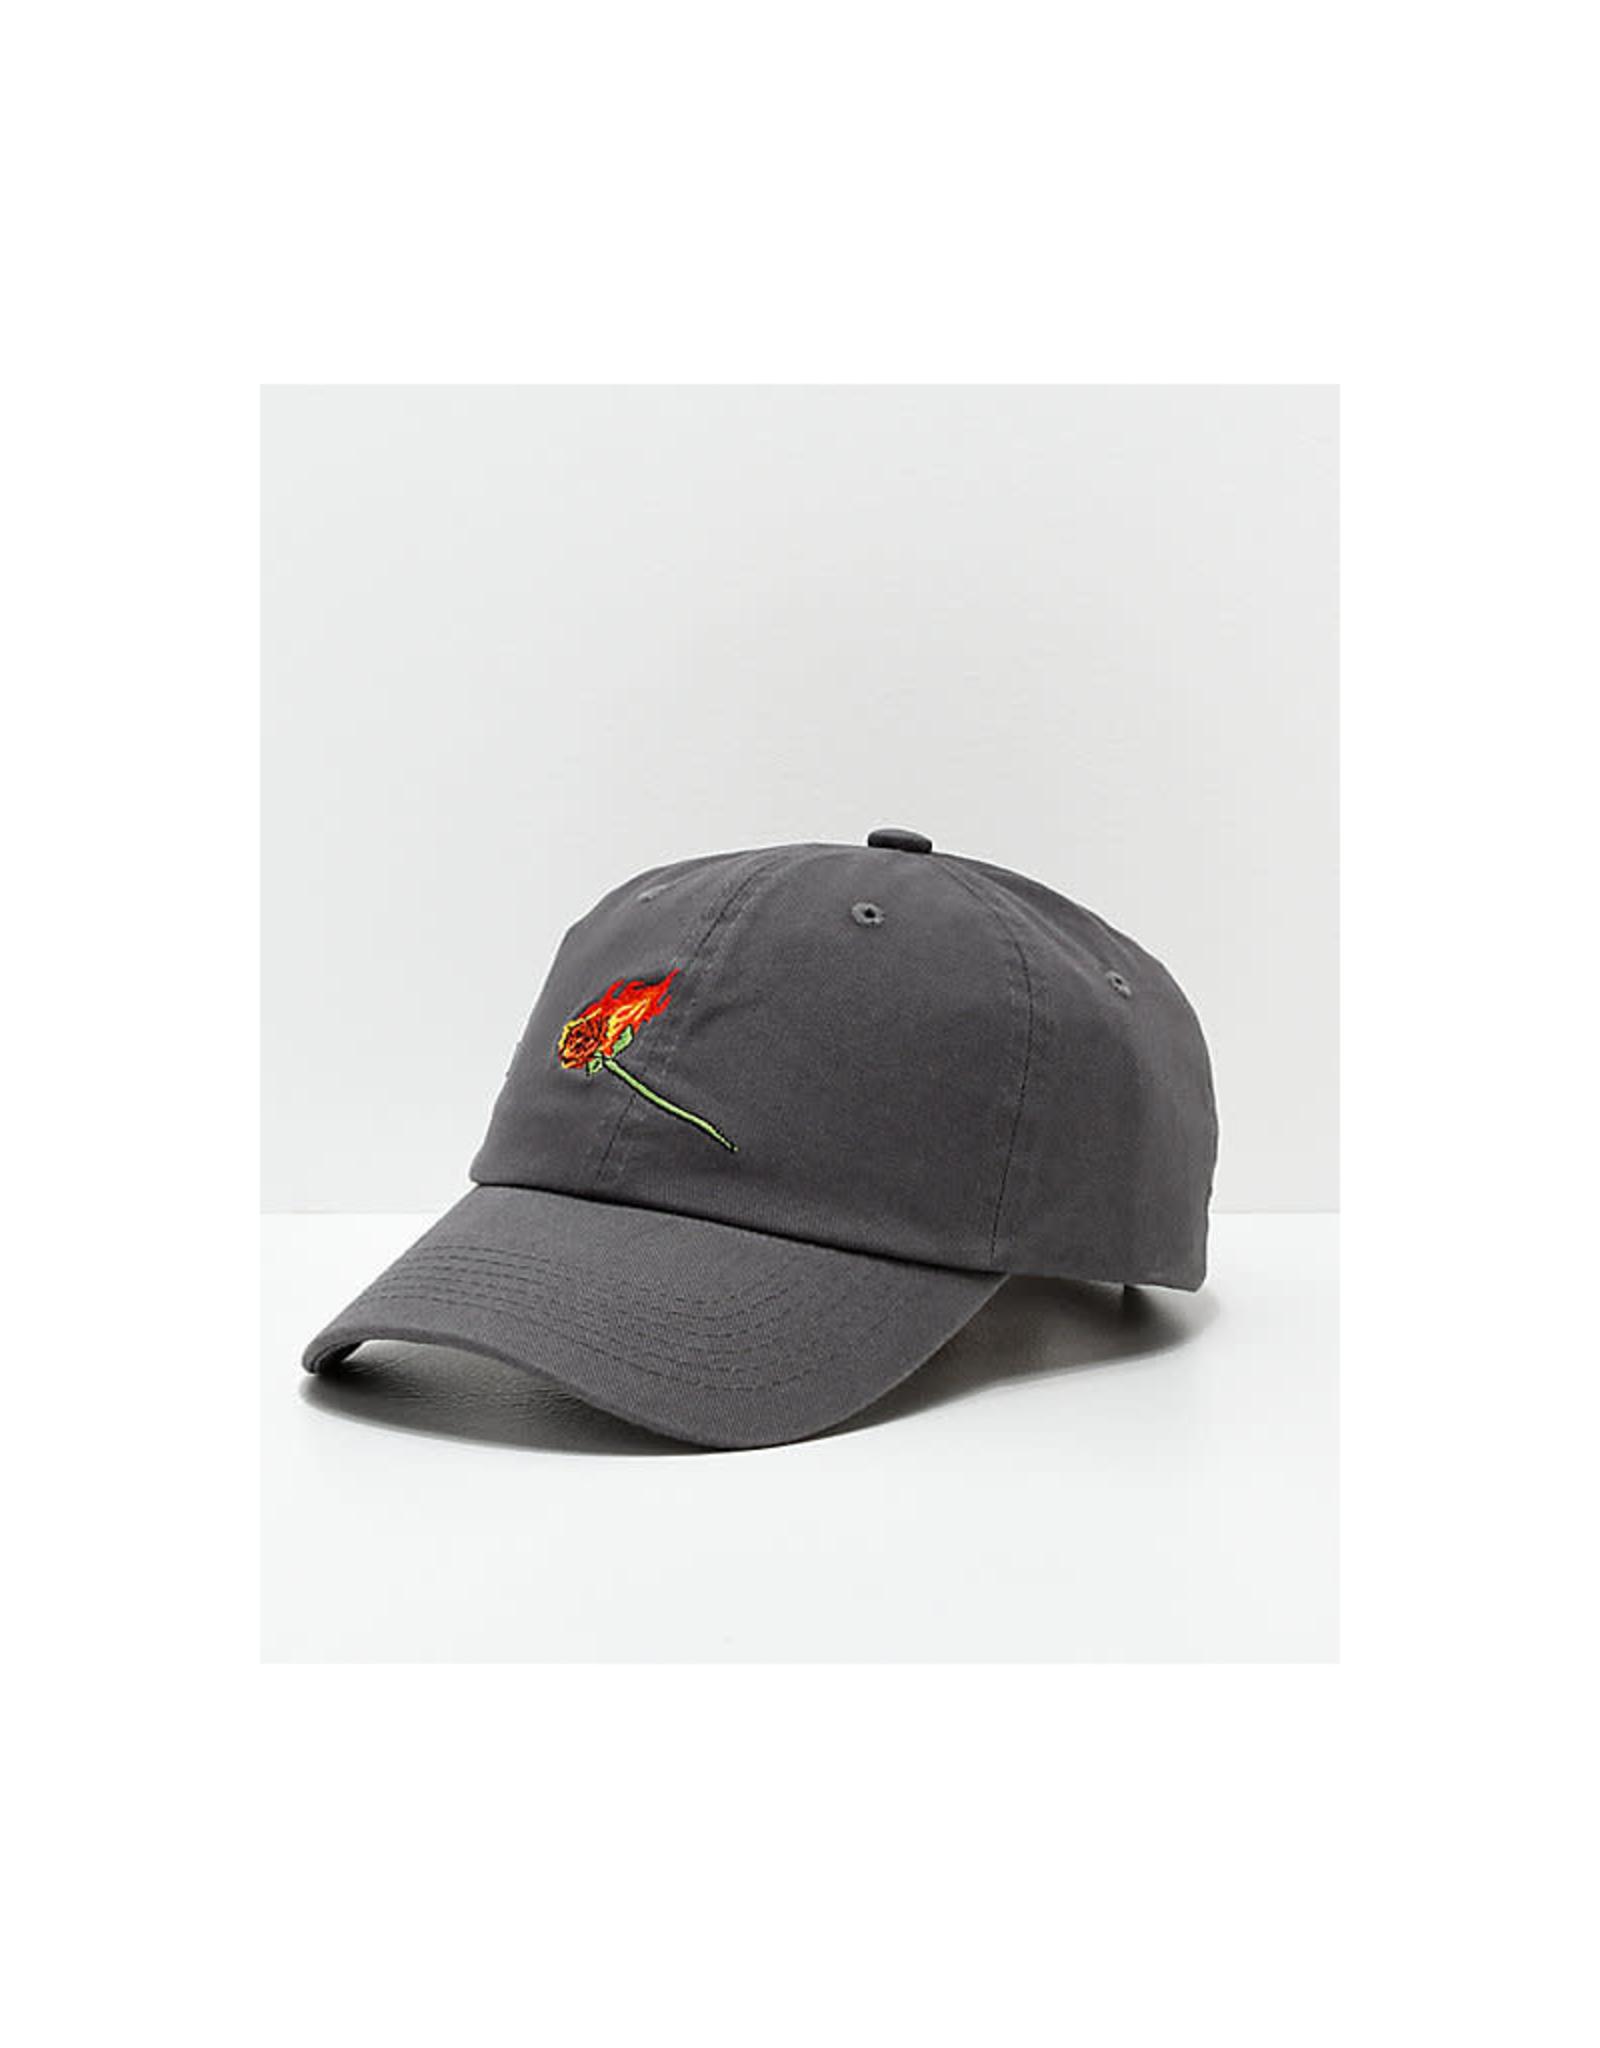 Primitive Burning Rose Hat